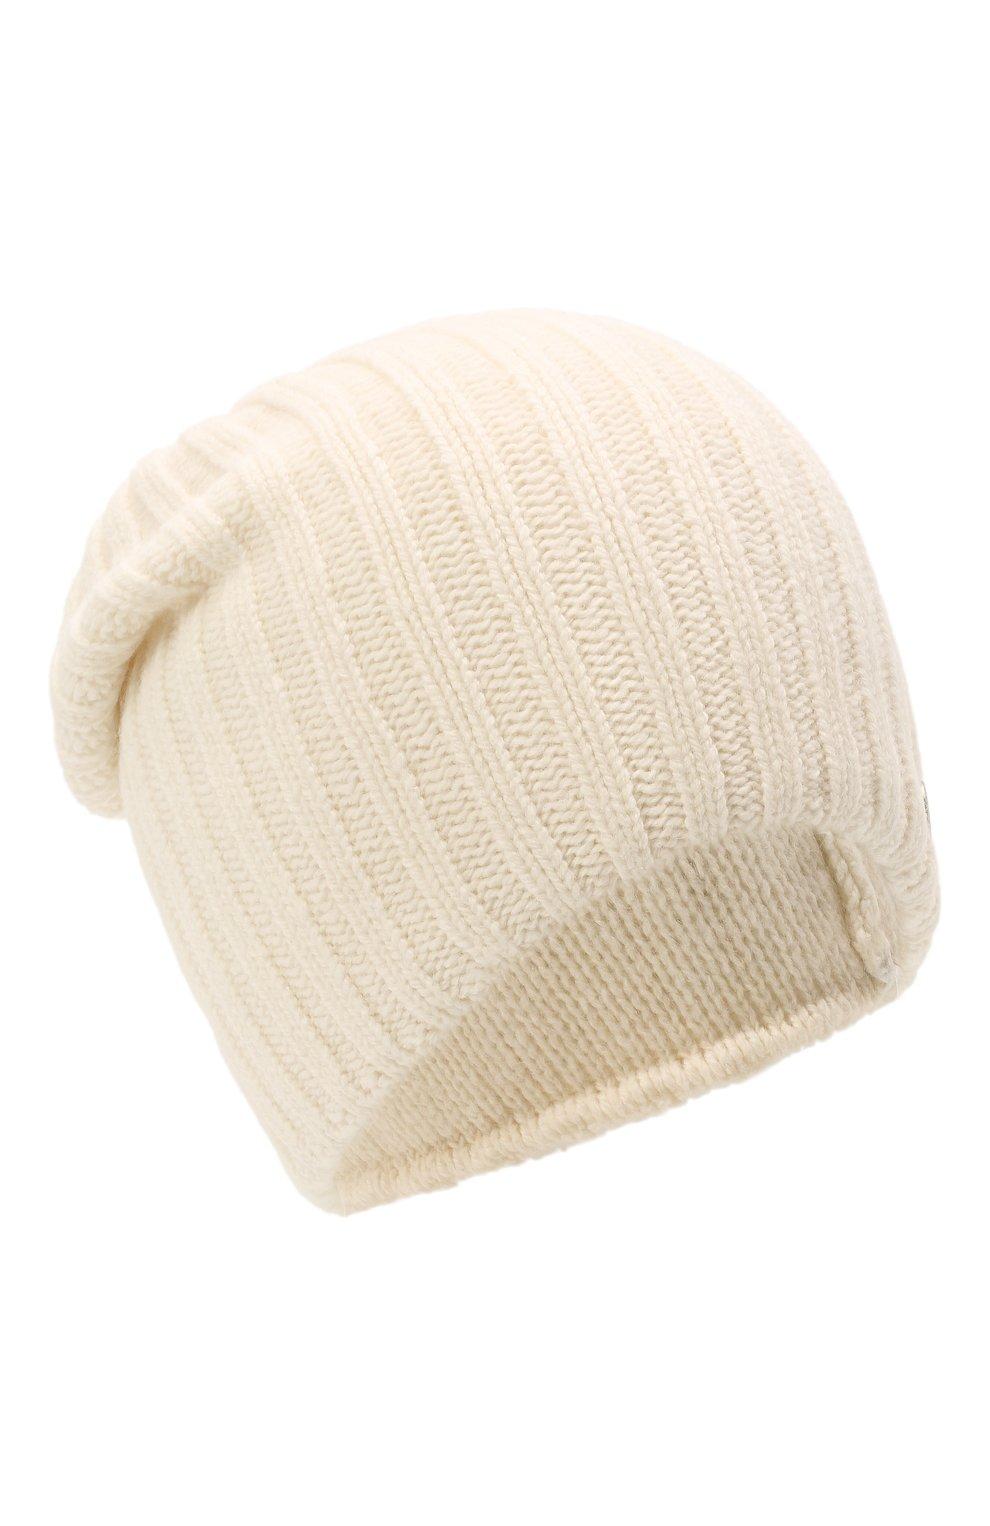 Мужская шерстяная шапка soft CANOE белого цвета, арт. 4714100   Фото 1 (Материал: Шерсть; Кросс-КТ: Трикотаж)